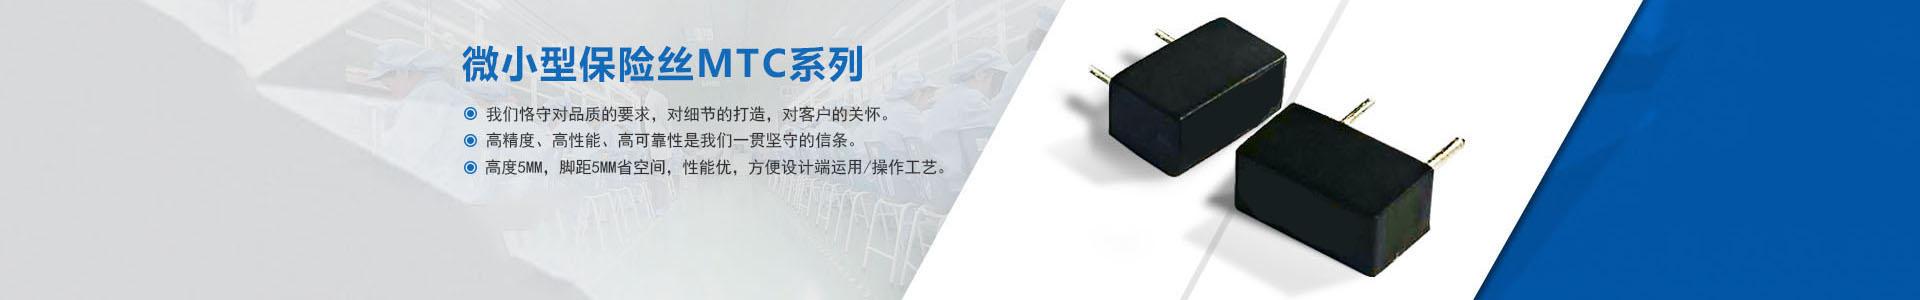 东莞市陆德电子有限公司